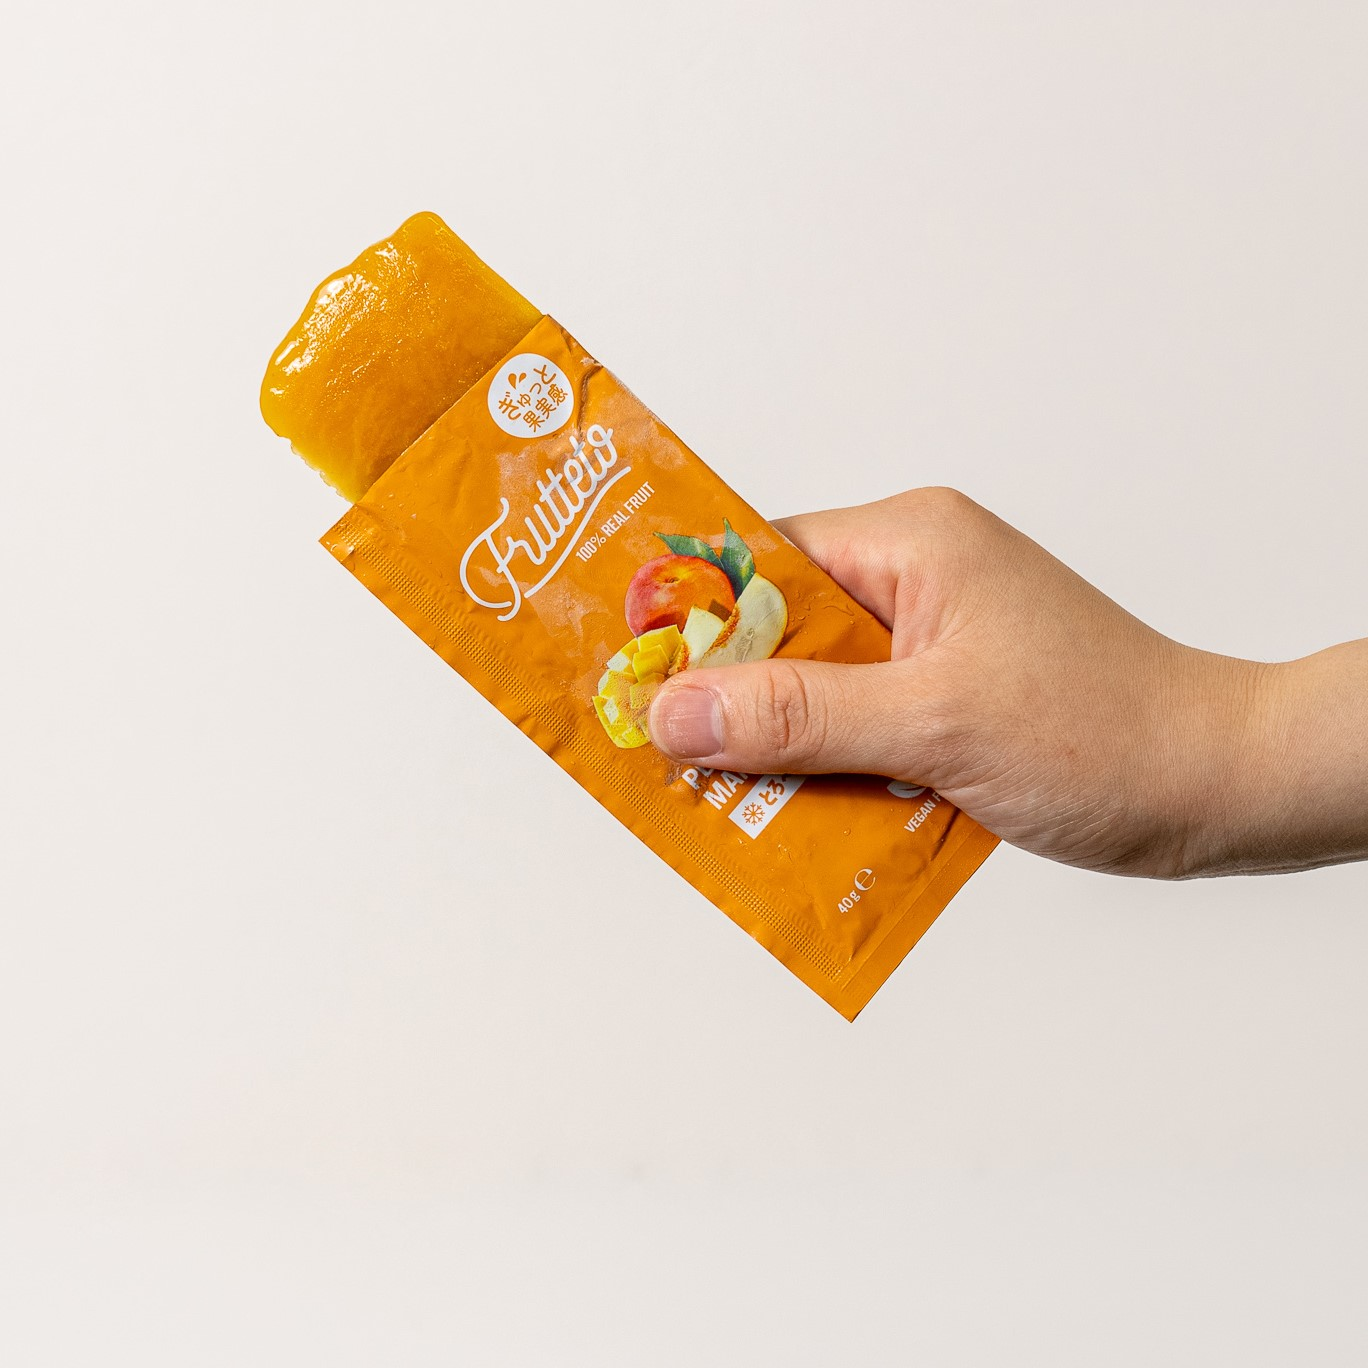 Frutteto ピーチ&マンゴー